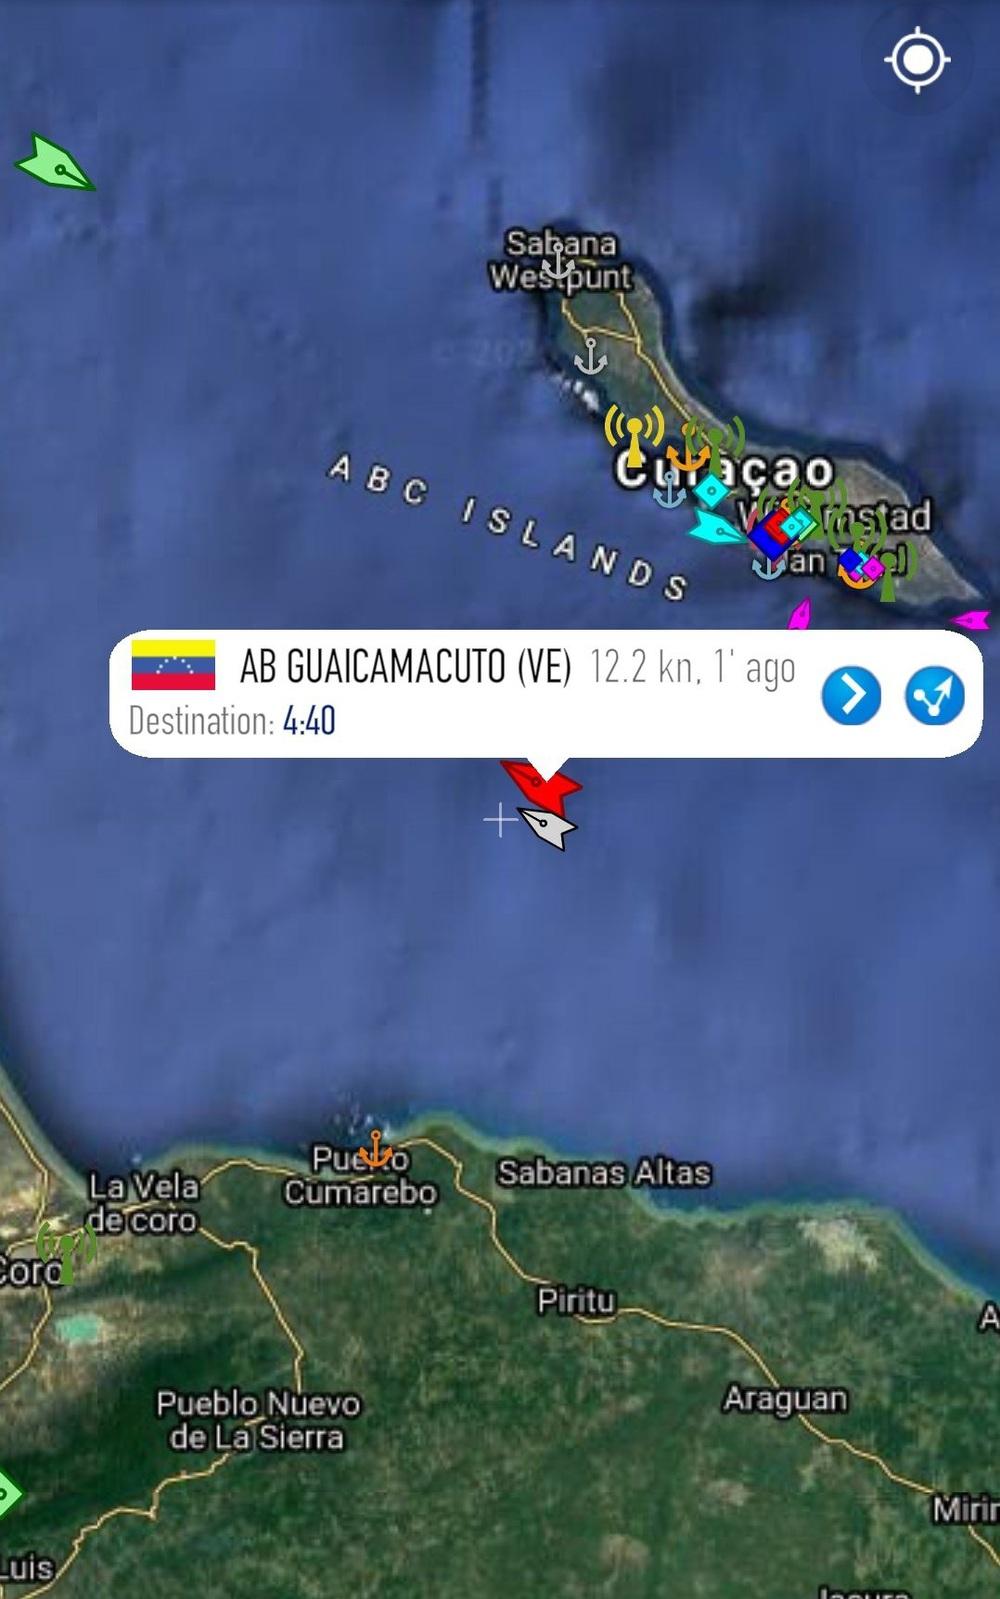 NÓNG: Liên tiếp đột phá, tỷ số sắp là 3-0, Venezuela-Iran dẫn trước - Cái gọi là vòng vây của Hải quân Mỹ rách toang? - Ảnh 7.